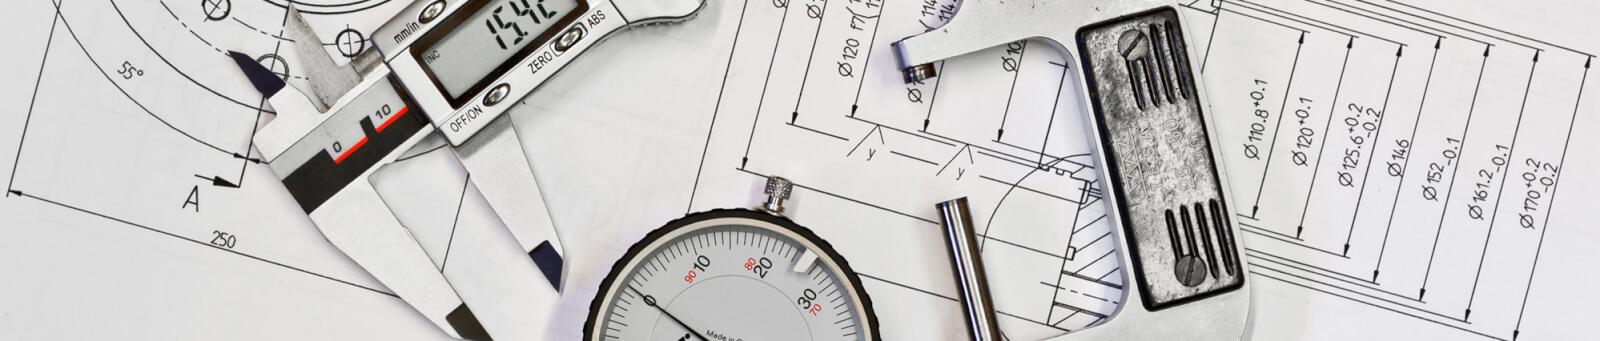 measure&inspect